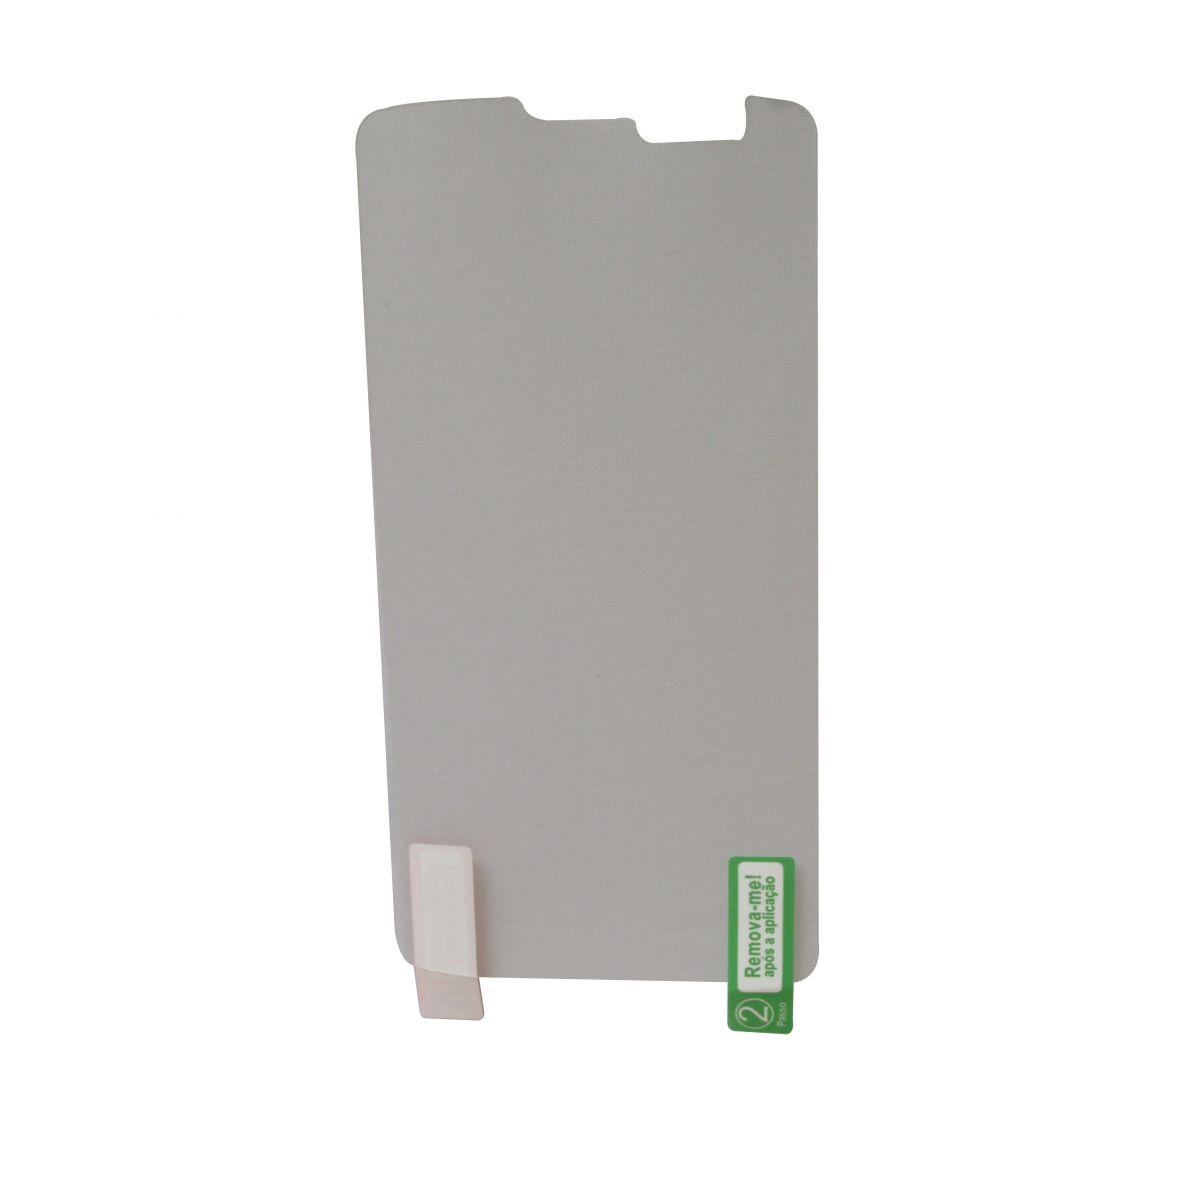 Pelicula Protetora para Lg L Prime D337 D335 Com Tv Digital Fosca